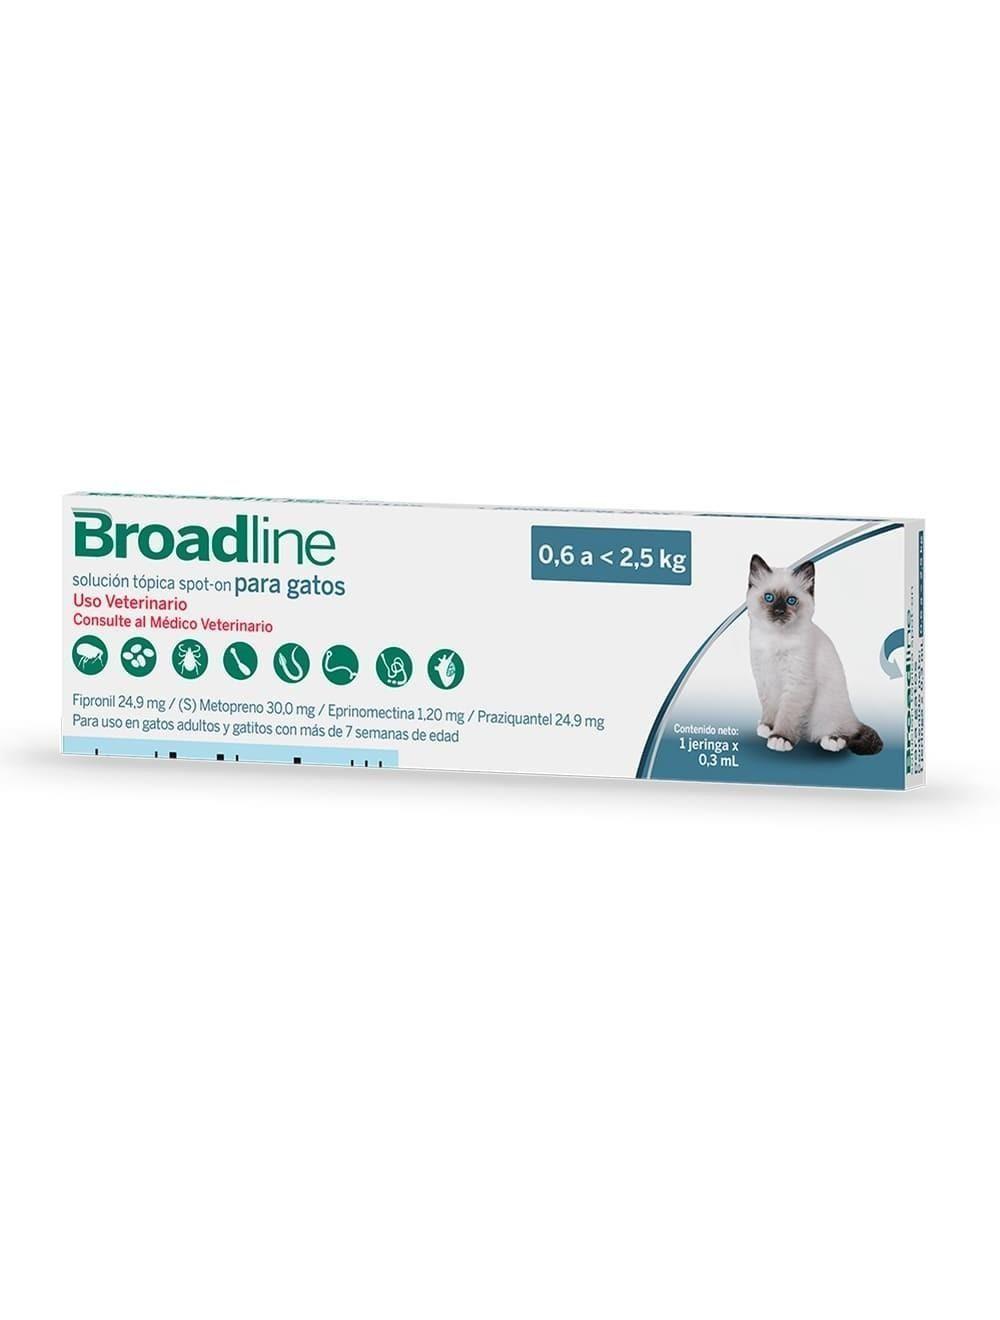 Desparasitante Broadline Tópico 0.6 a 2.5 - Ciudaddemascotas.com